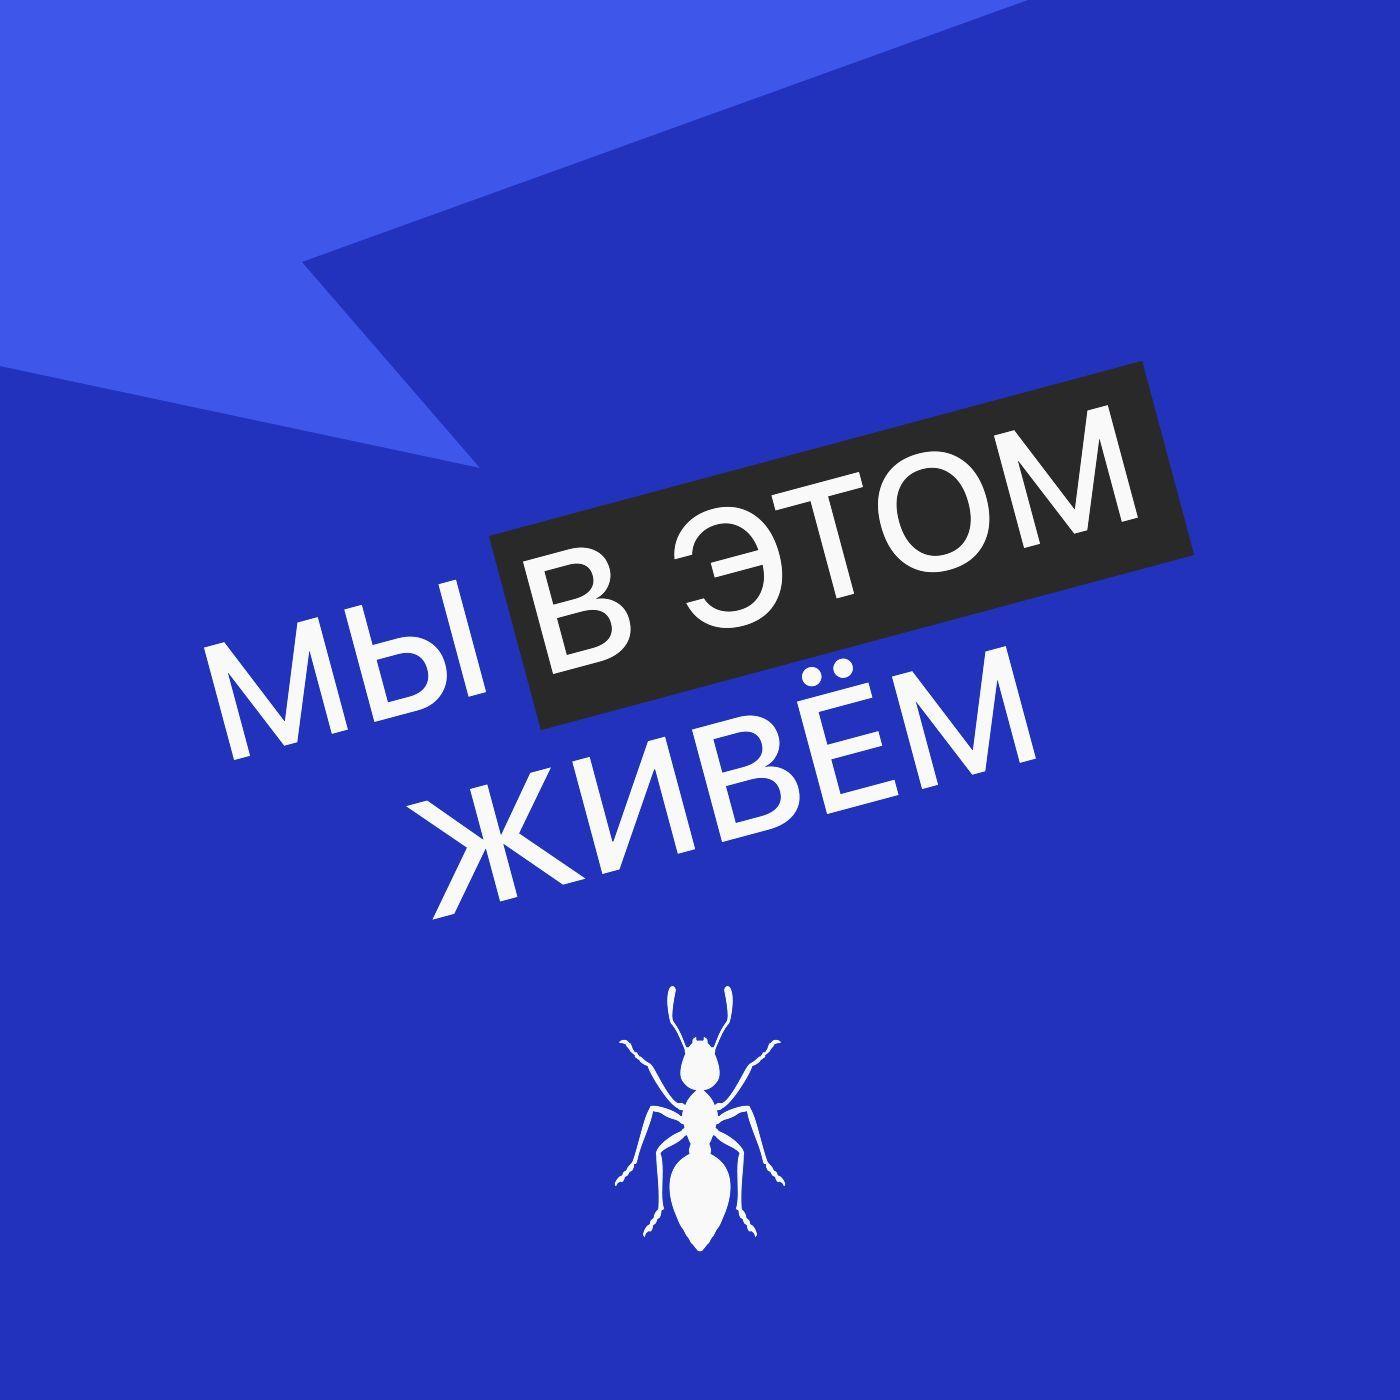 Творческий коллектив Mojomedia Выпуск № 26 сезон 2 Лай, вой, и.т.д. действующий бизнес в челябинске